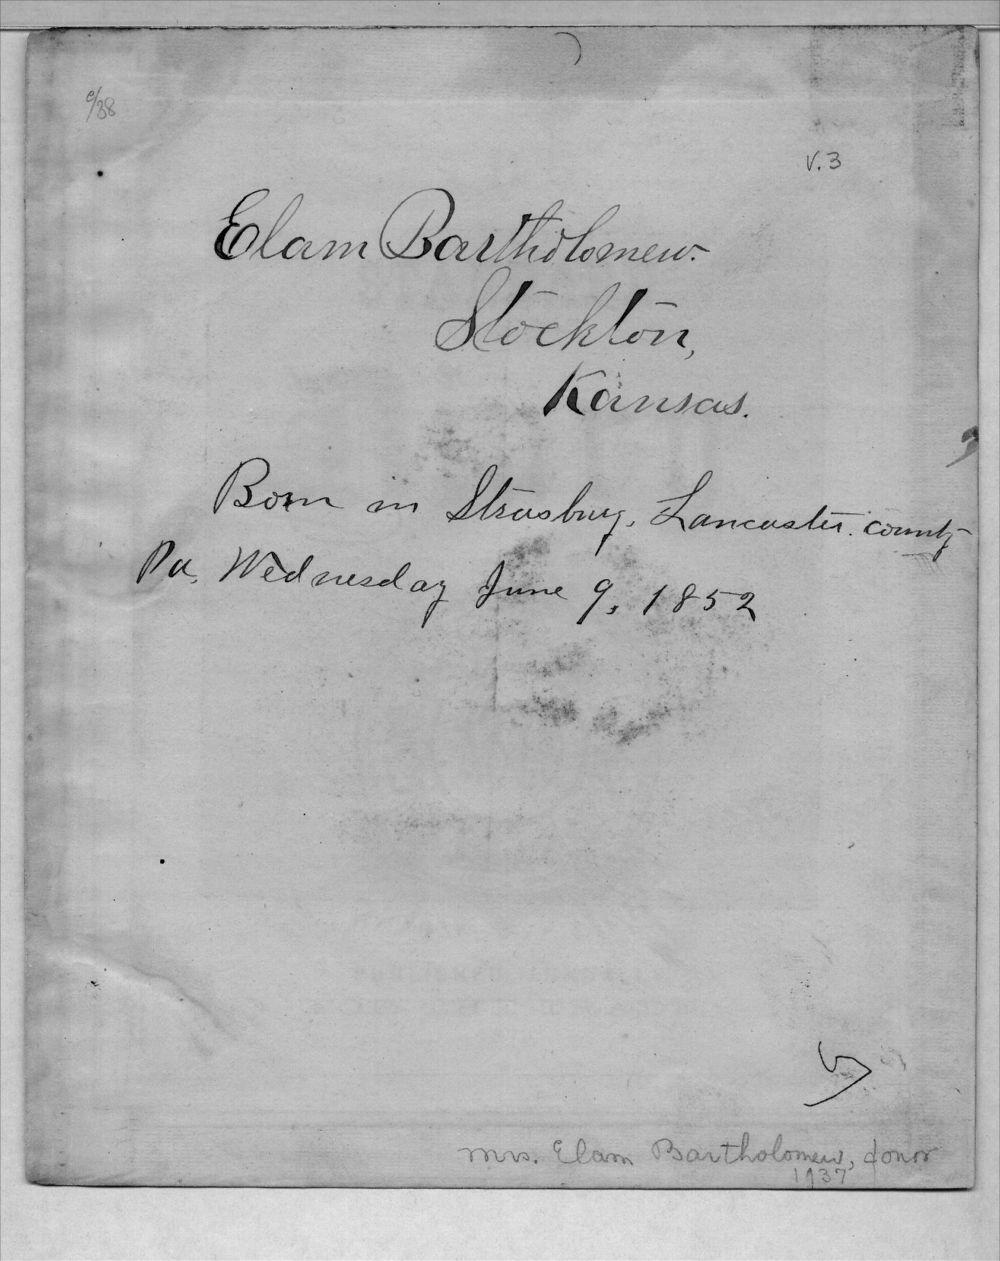 Elam Bartholomew diary - Signature